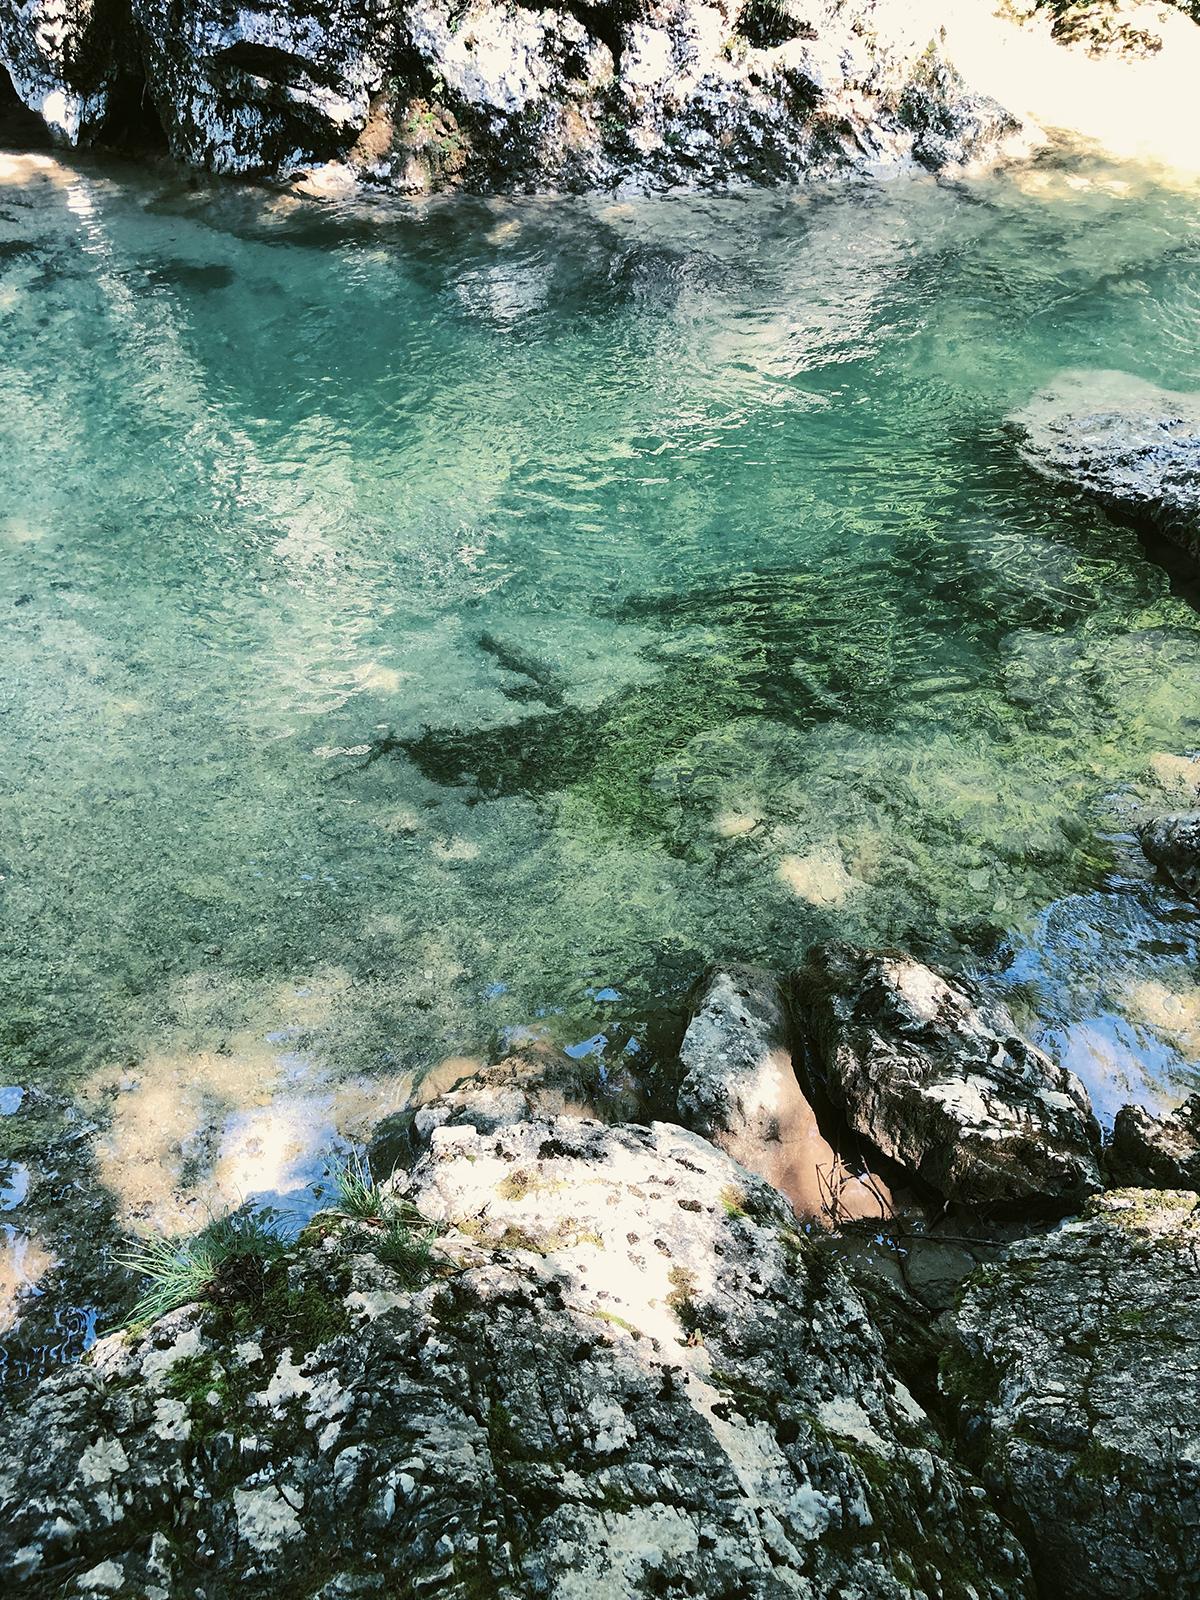 ohranimo-naravo-čisto-in-neokrnjeno-lili-in-roza-blog-skrb-za-okolje-reke-2.JPG